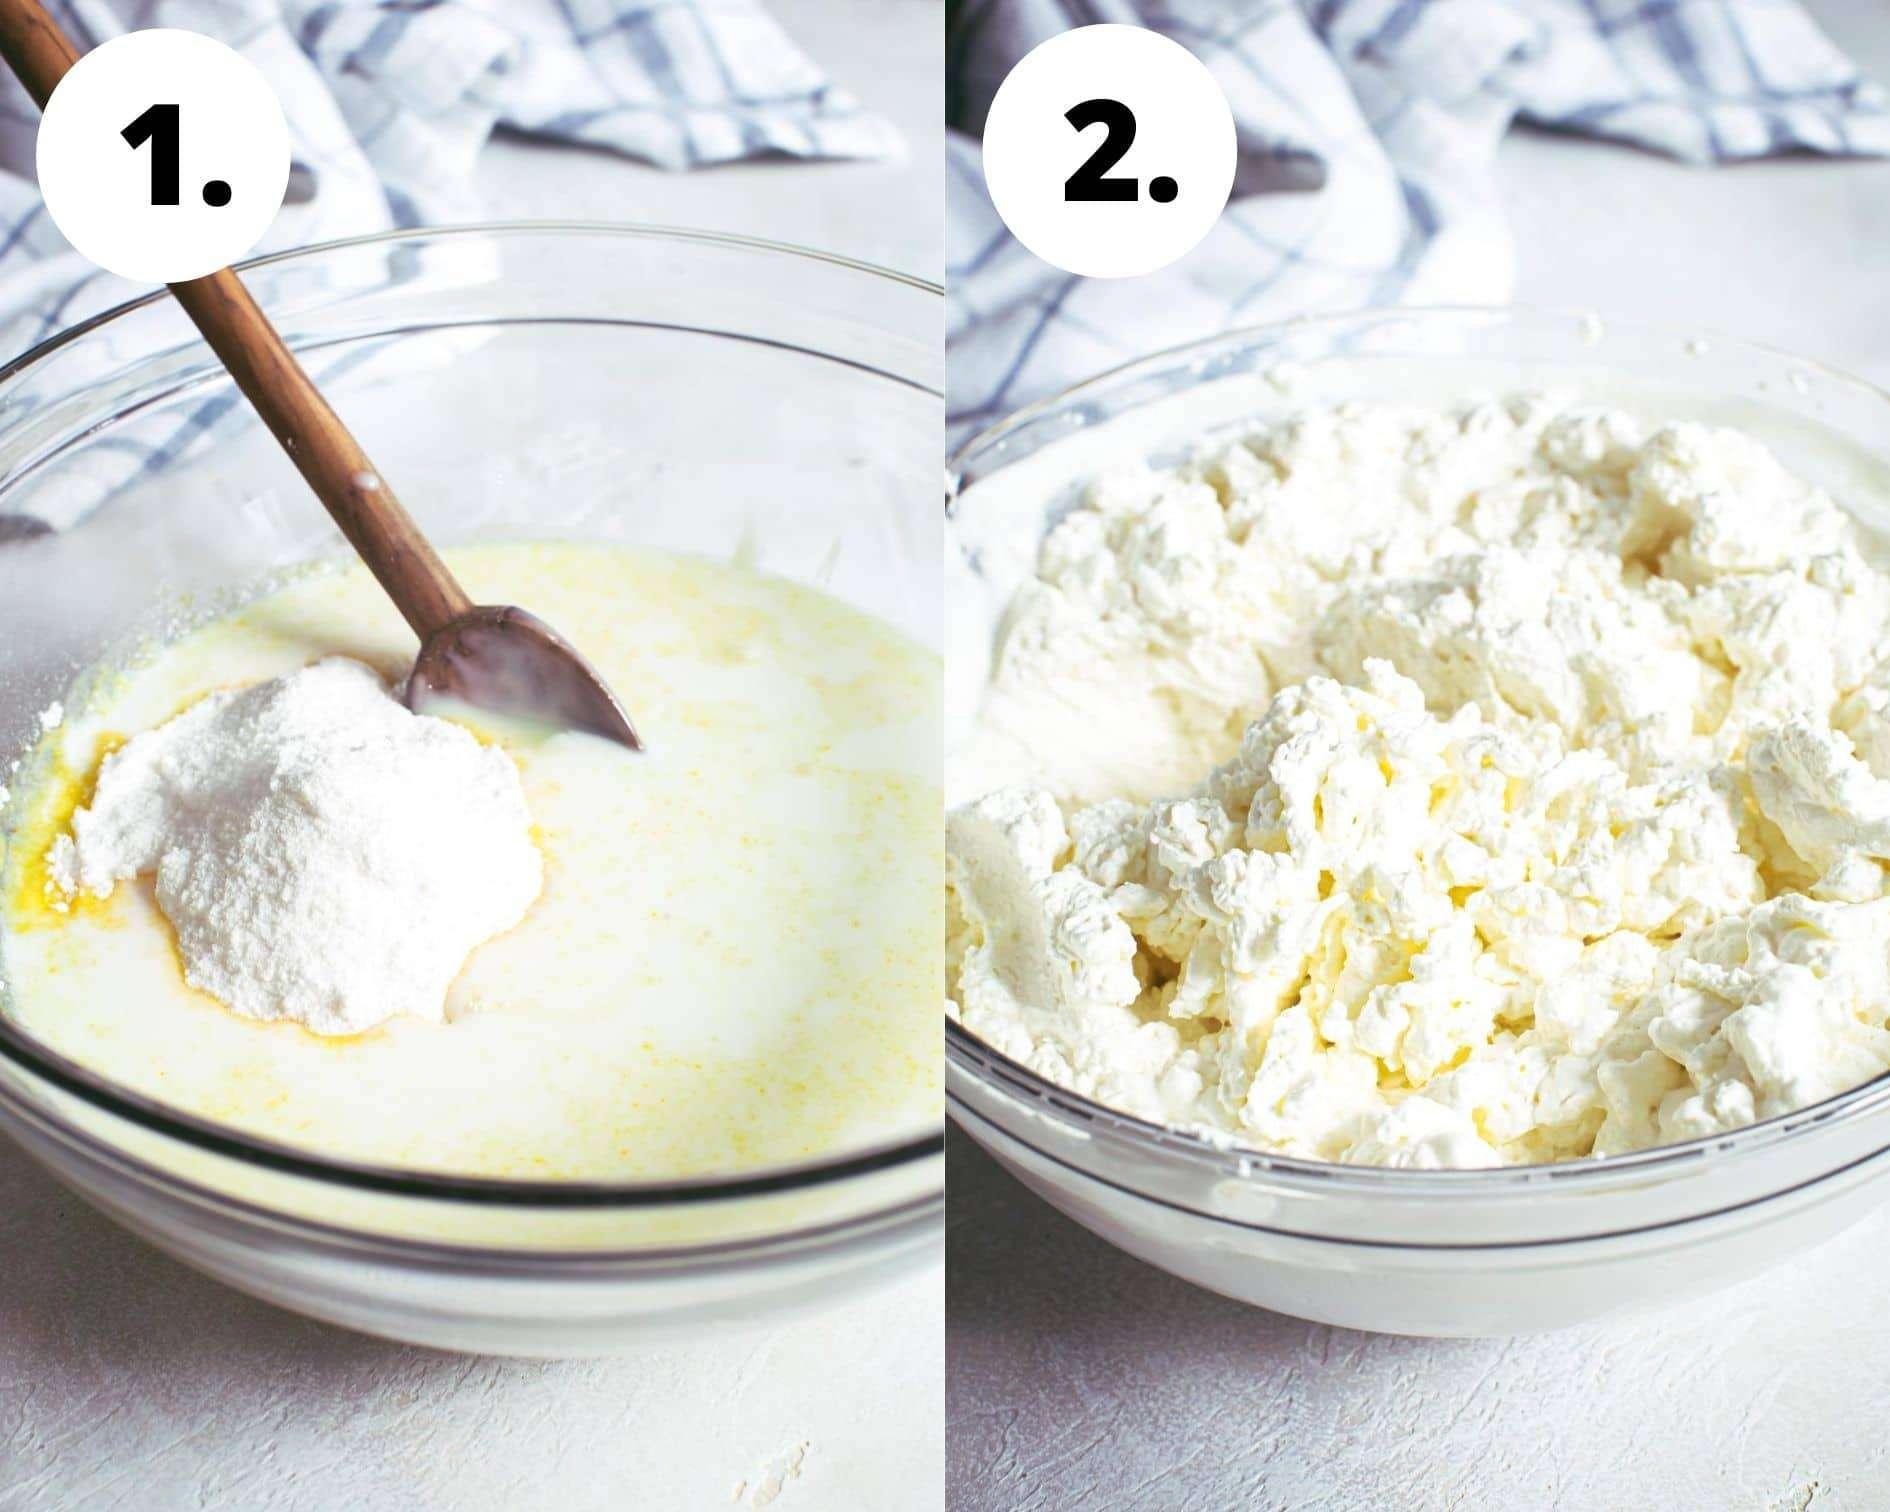 Banana pudding trifle process steps 1 and 2.